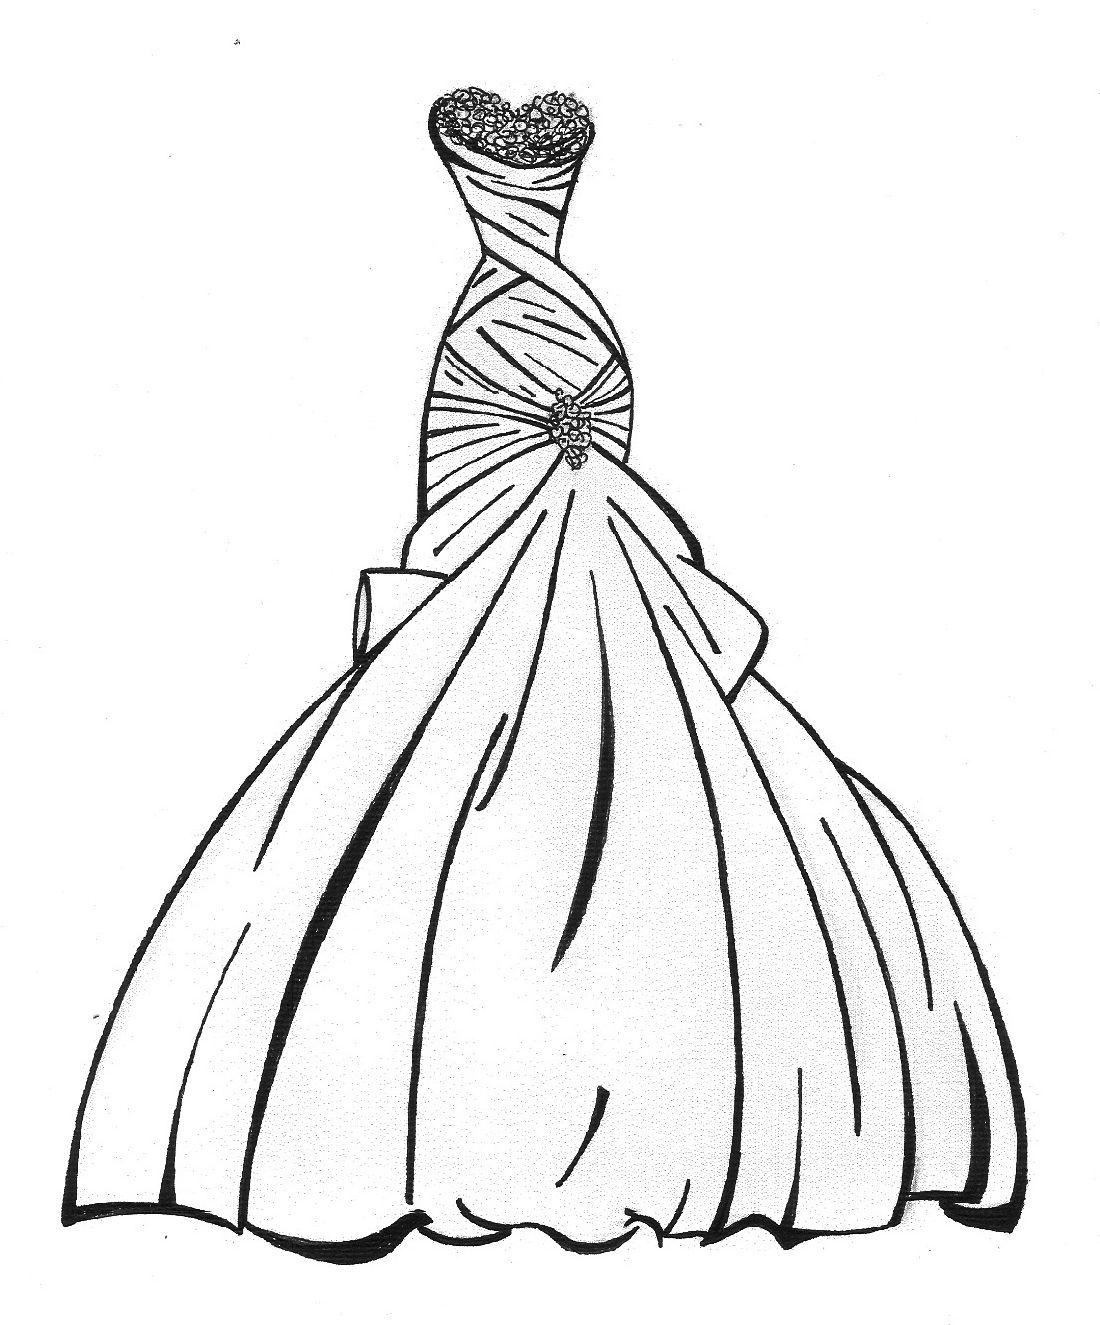 Disney Princess Wedding Dresses Coloring Pages Id 23763 Vestidos Dibujo Boceto De Vestido Dibujos Boda